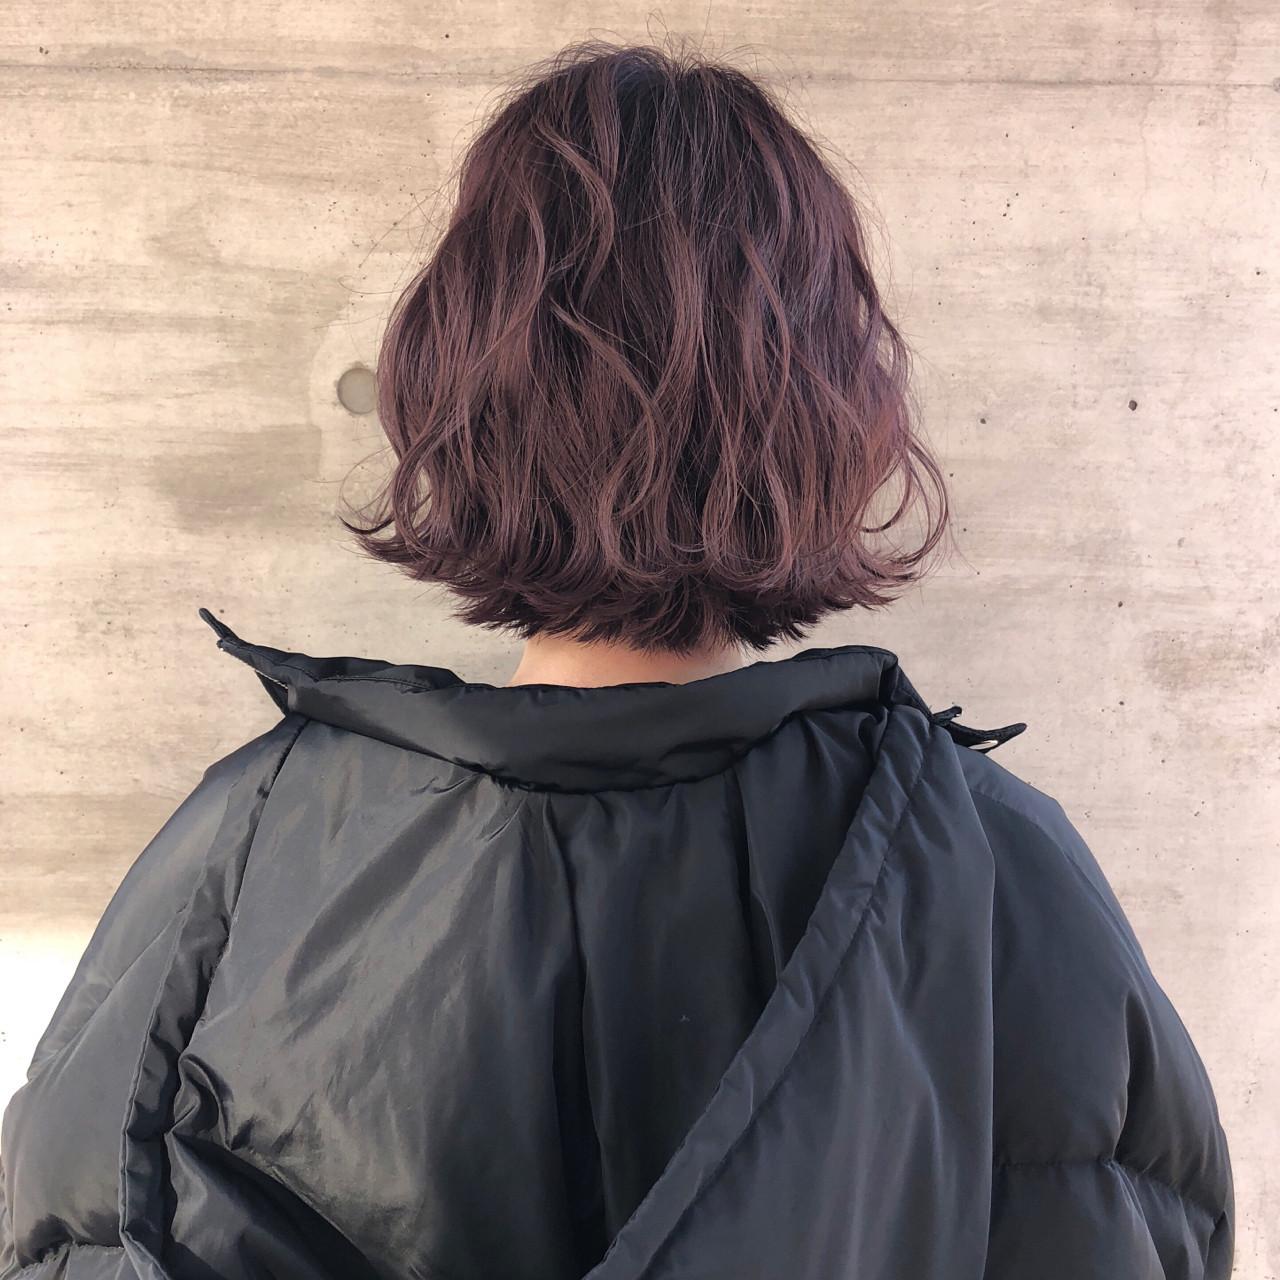 ボブ ピンクアッシュ 透明感 アンニュイ ヘアスタイルや髪型の写真・画像